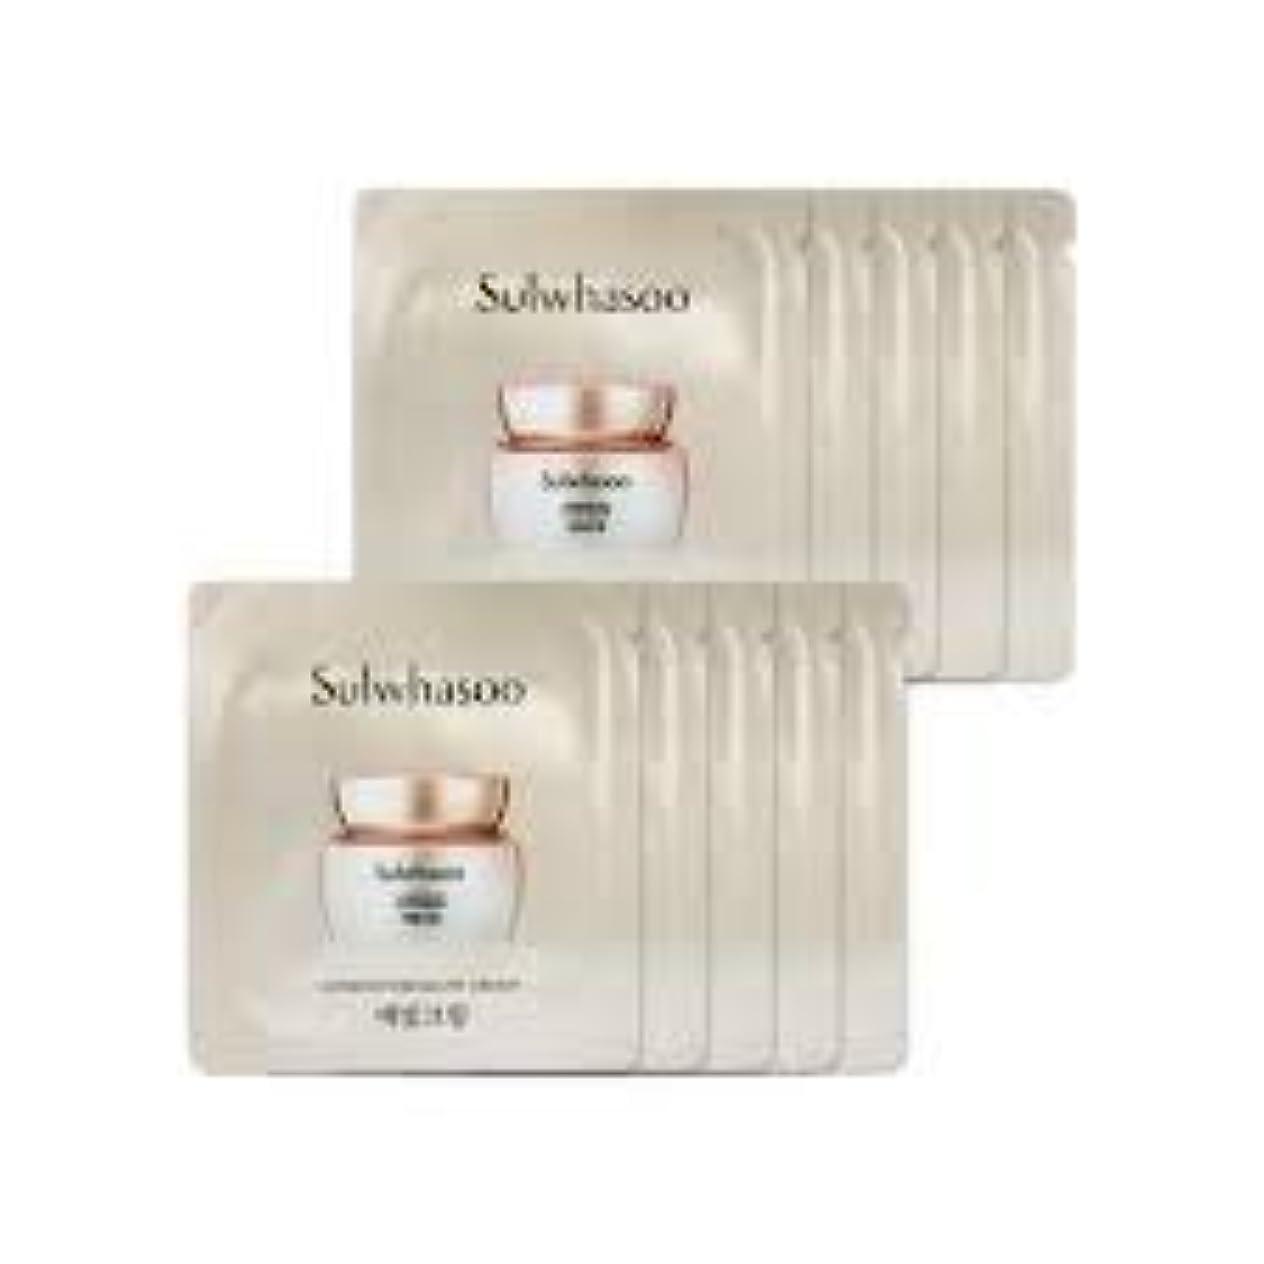 ルアーラショナル固体[ソルファス ] Sulwhasoo (雪花秀) ルミナチュアグロー Luminature Glow Cream 1ml x 30 (イェビトクリーム) [ShopMaster1]